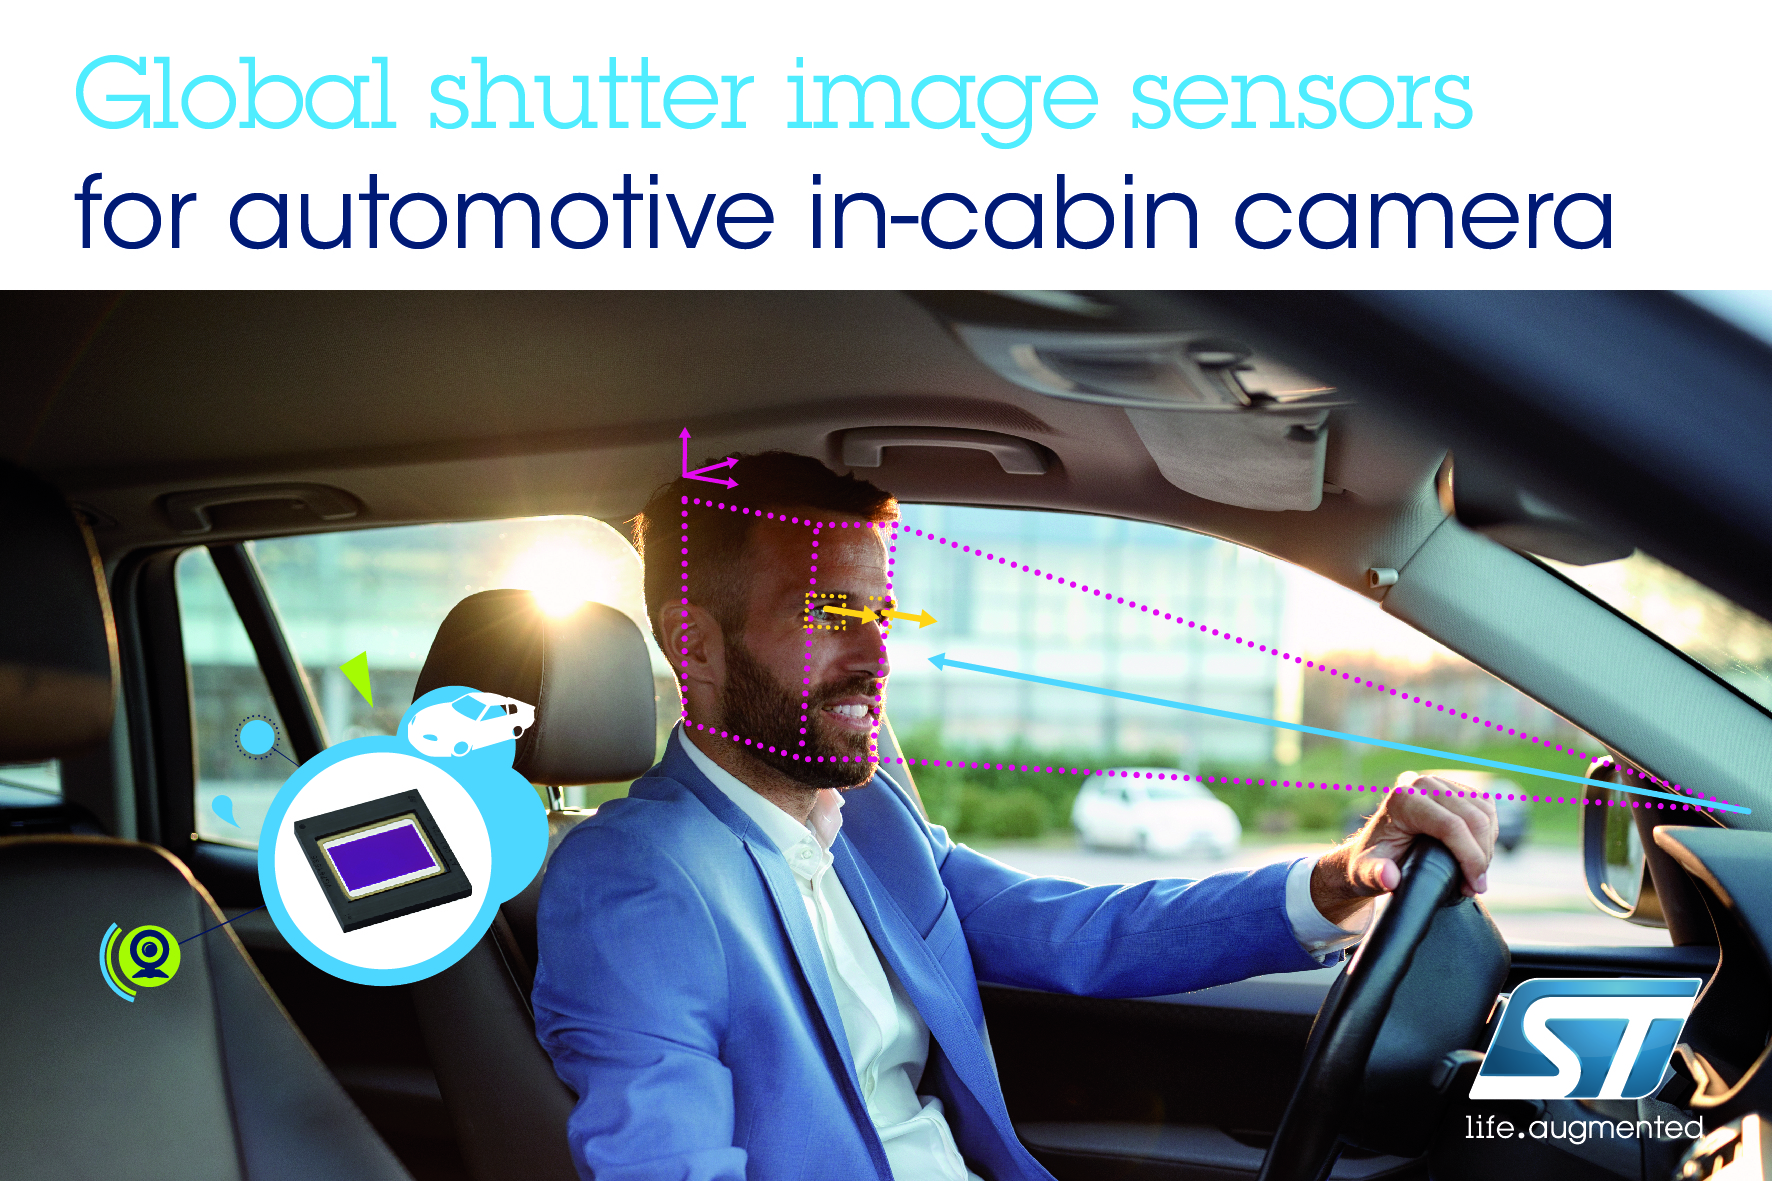 意法澳门网络在线娱乐的先进影像传感器增强下一代汽车安全系统的驾驶员监测功能